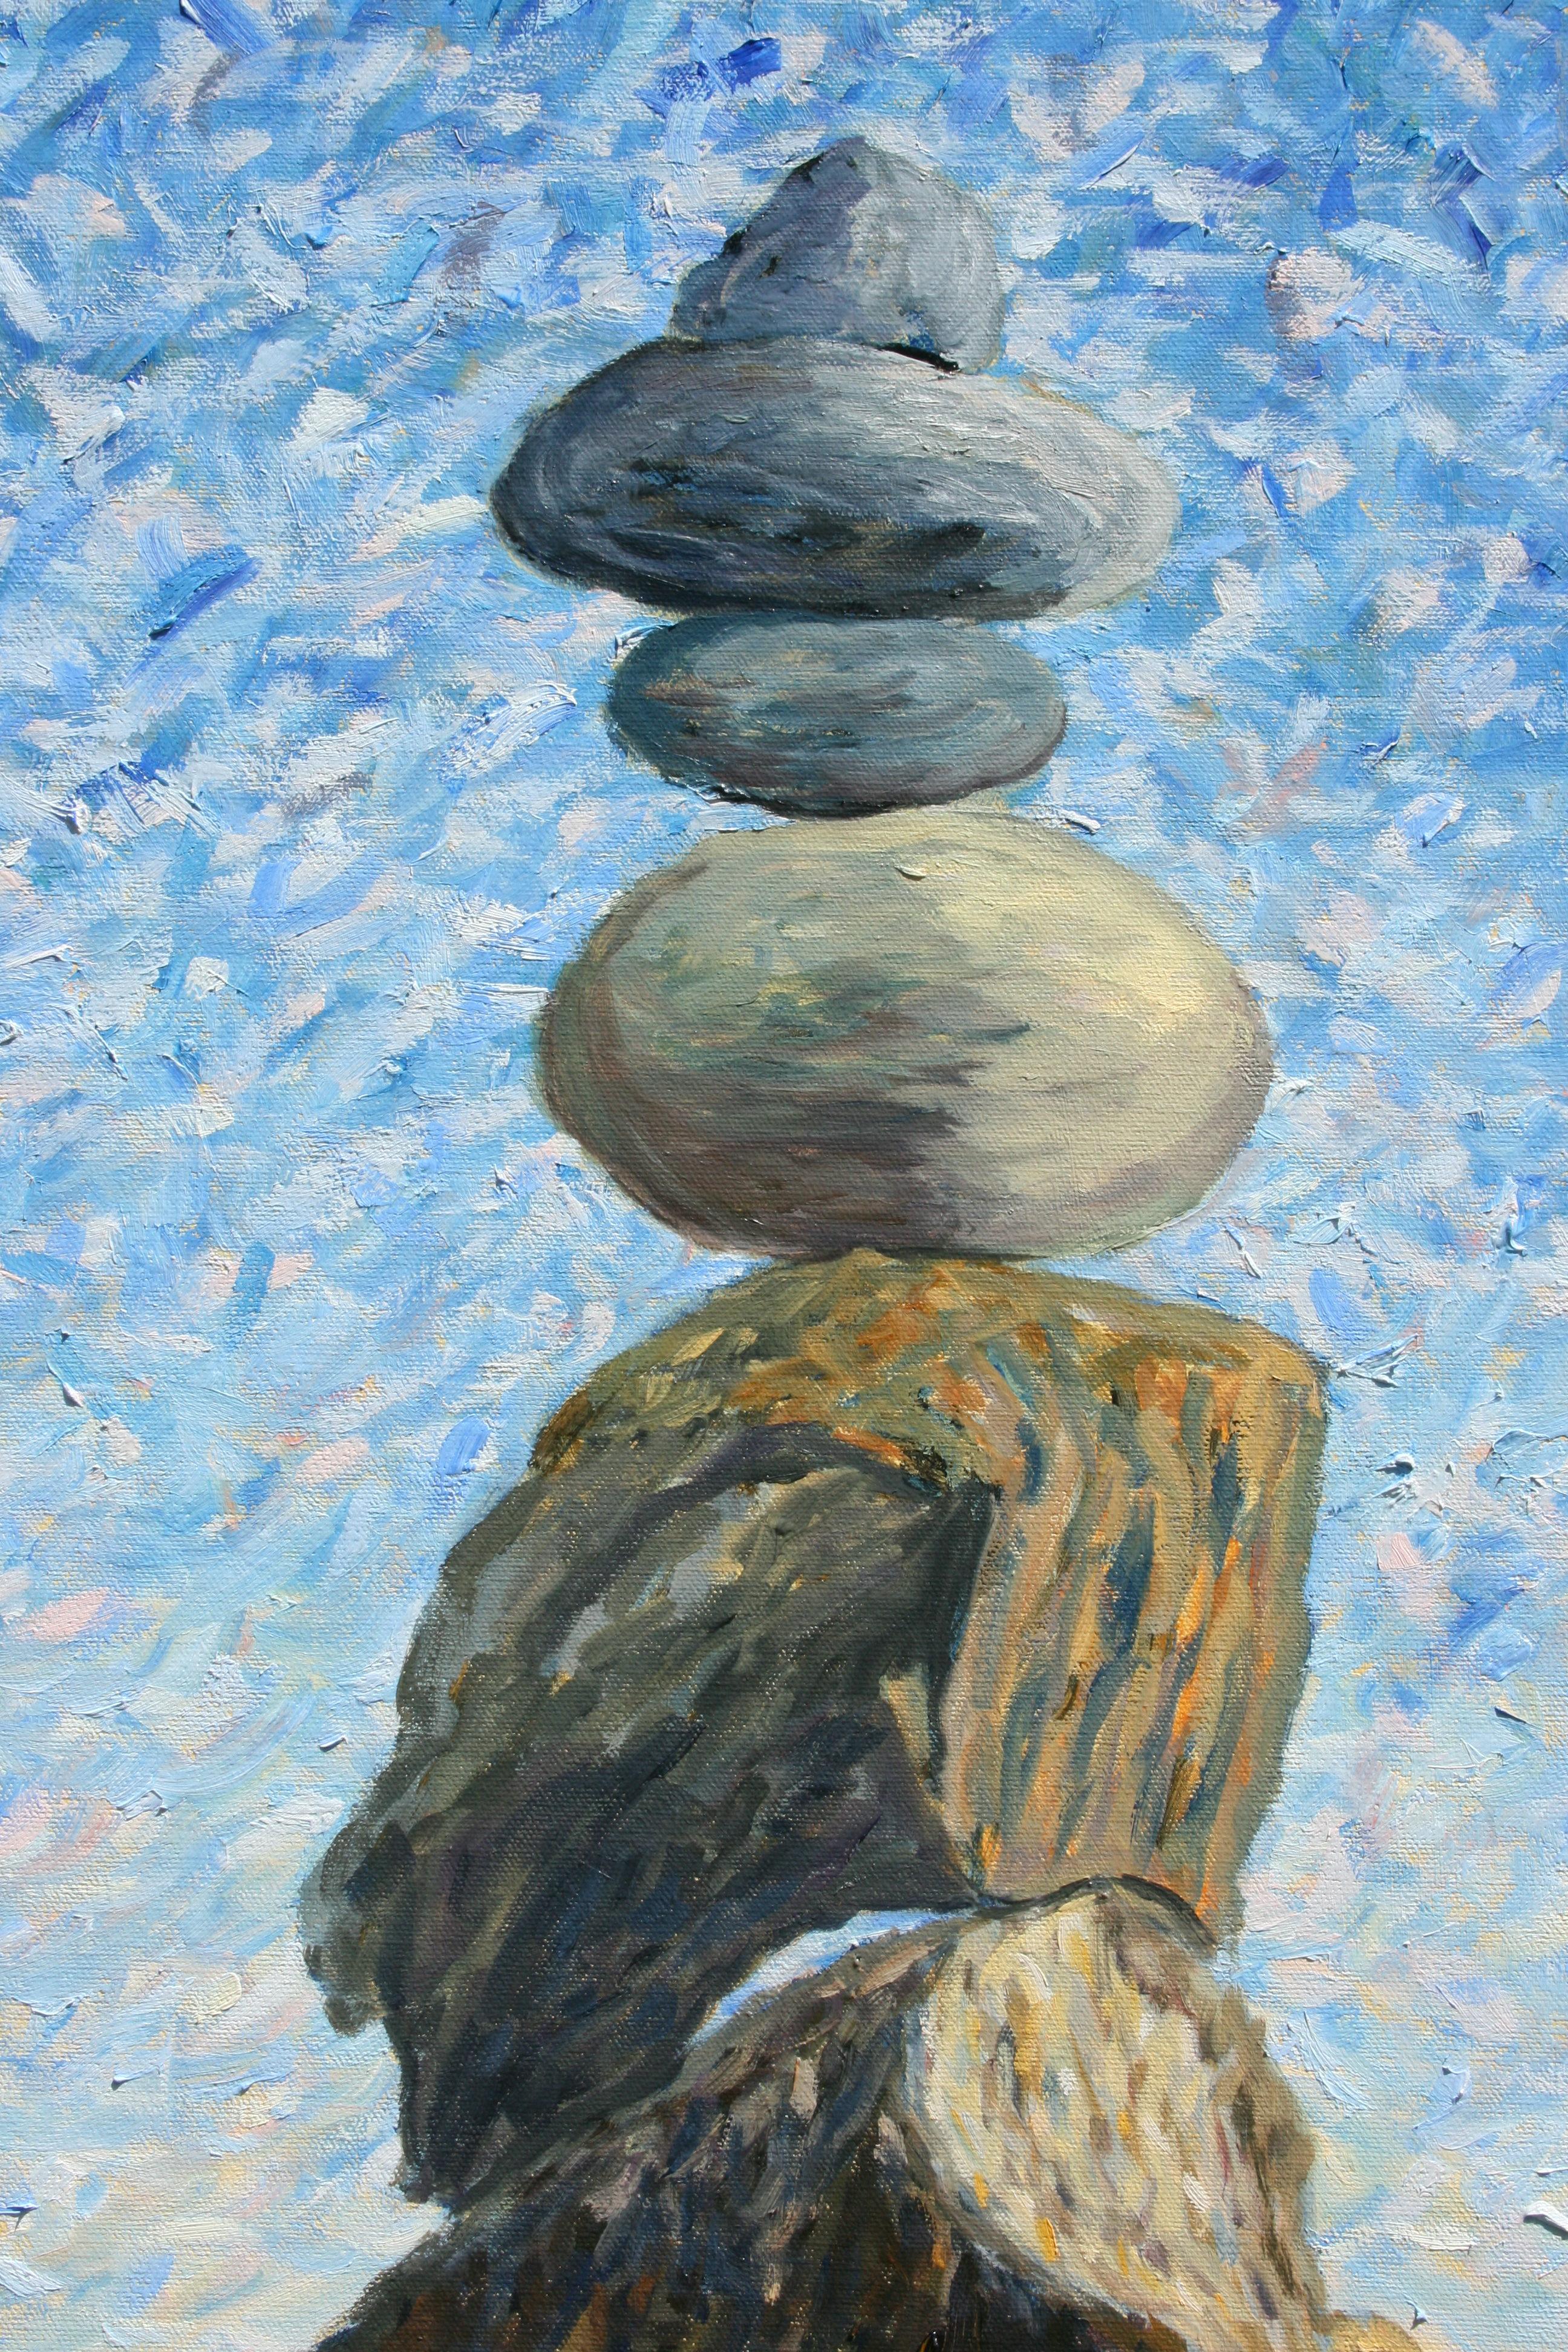 Rock Sculpture #2 (detail)